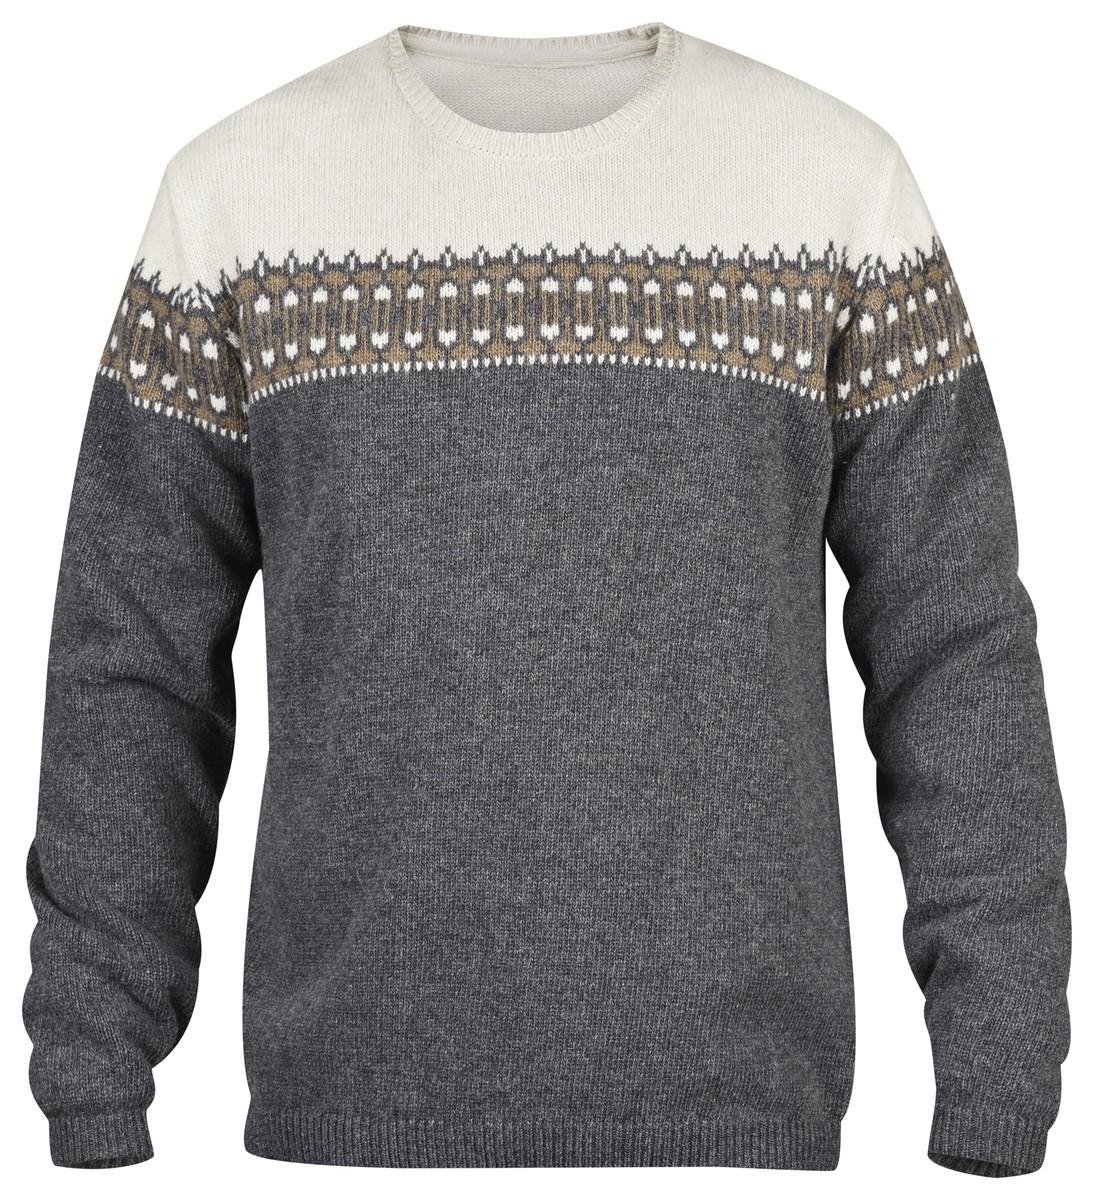 Fjällräven Pull Övik Scandinavian Sweater - Pull homme